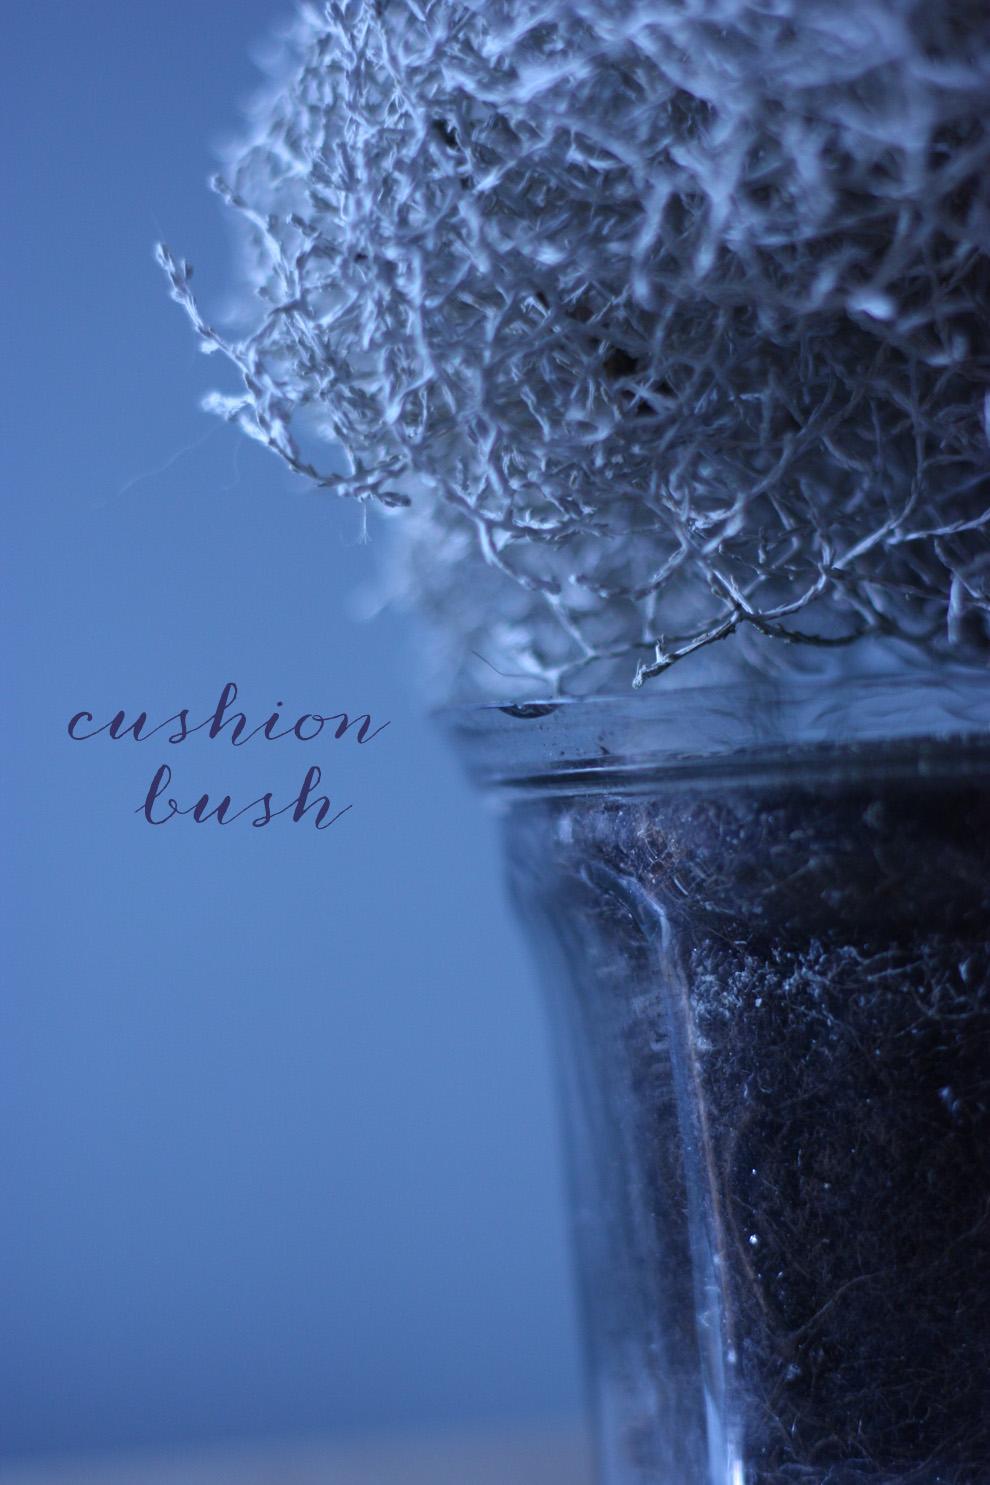 Cushion Bush